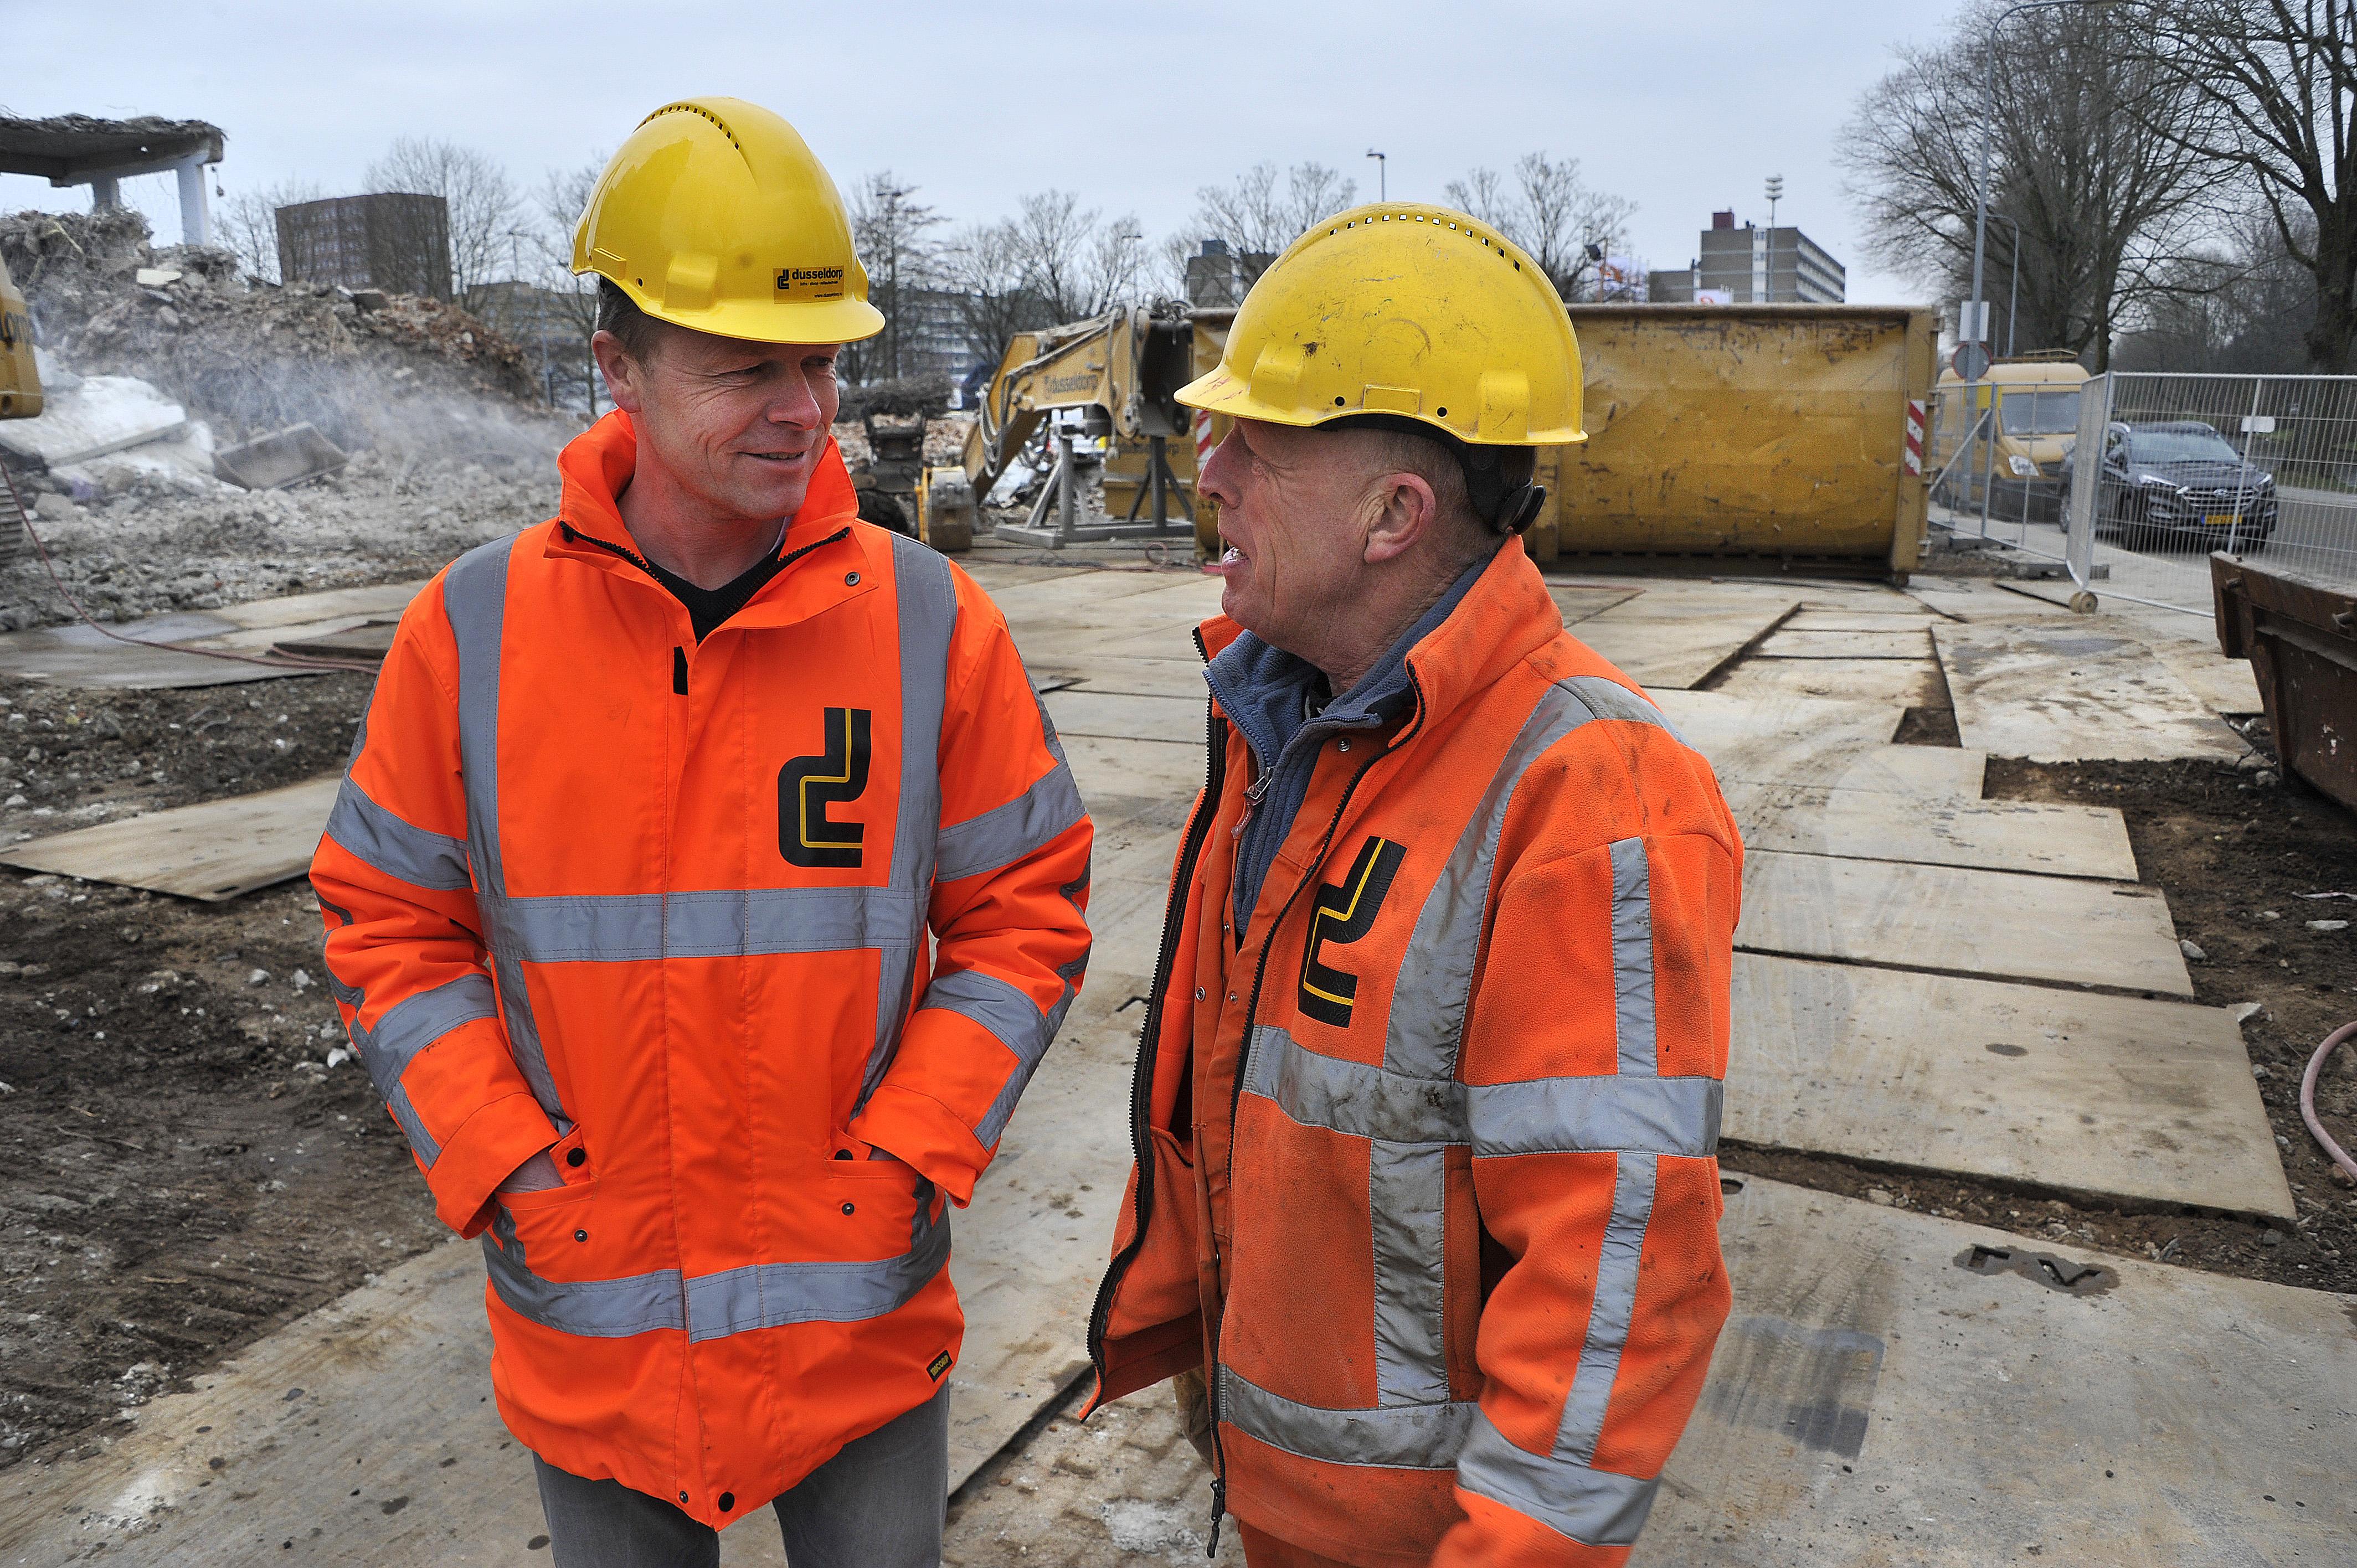 <p>Uitvoerder Gerry Piers (links) en voorman Jitse Postma overleggen intensief over de voortgang van het werk.</p>